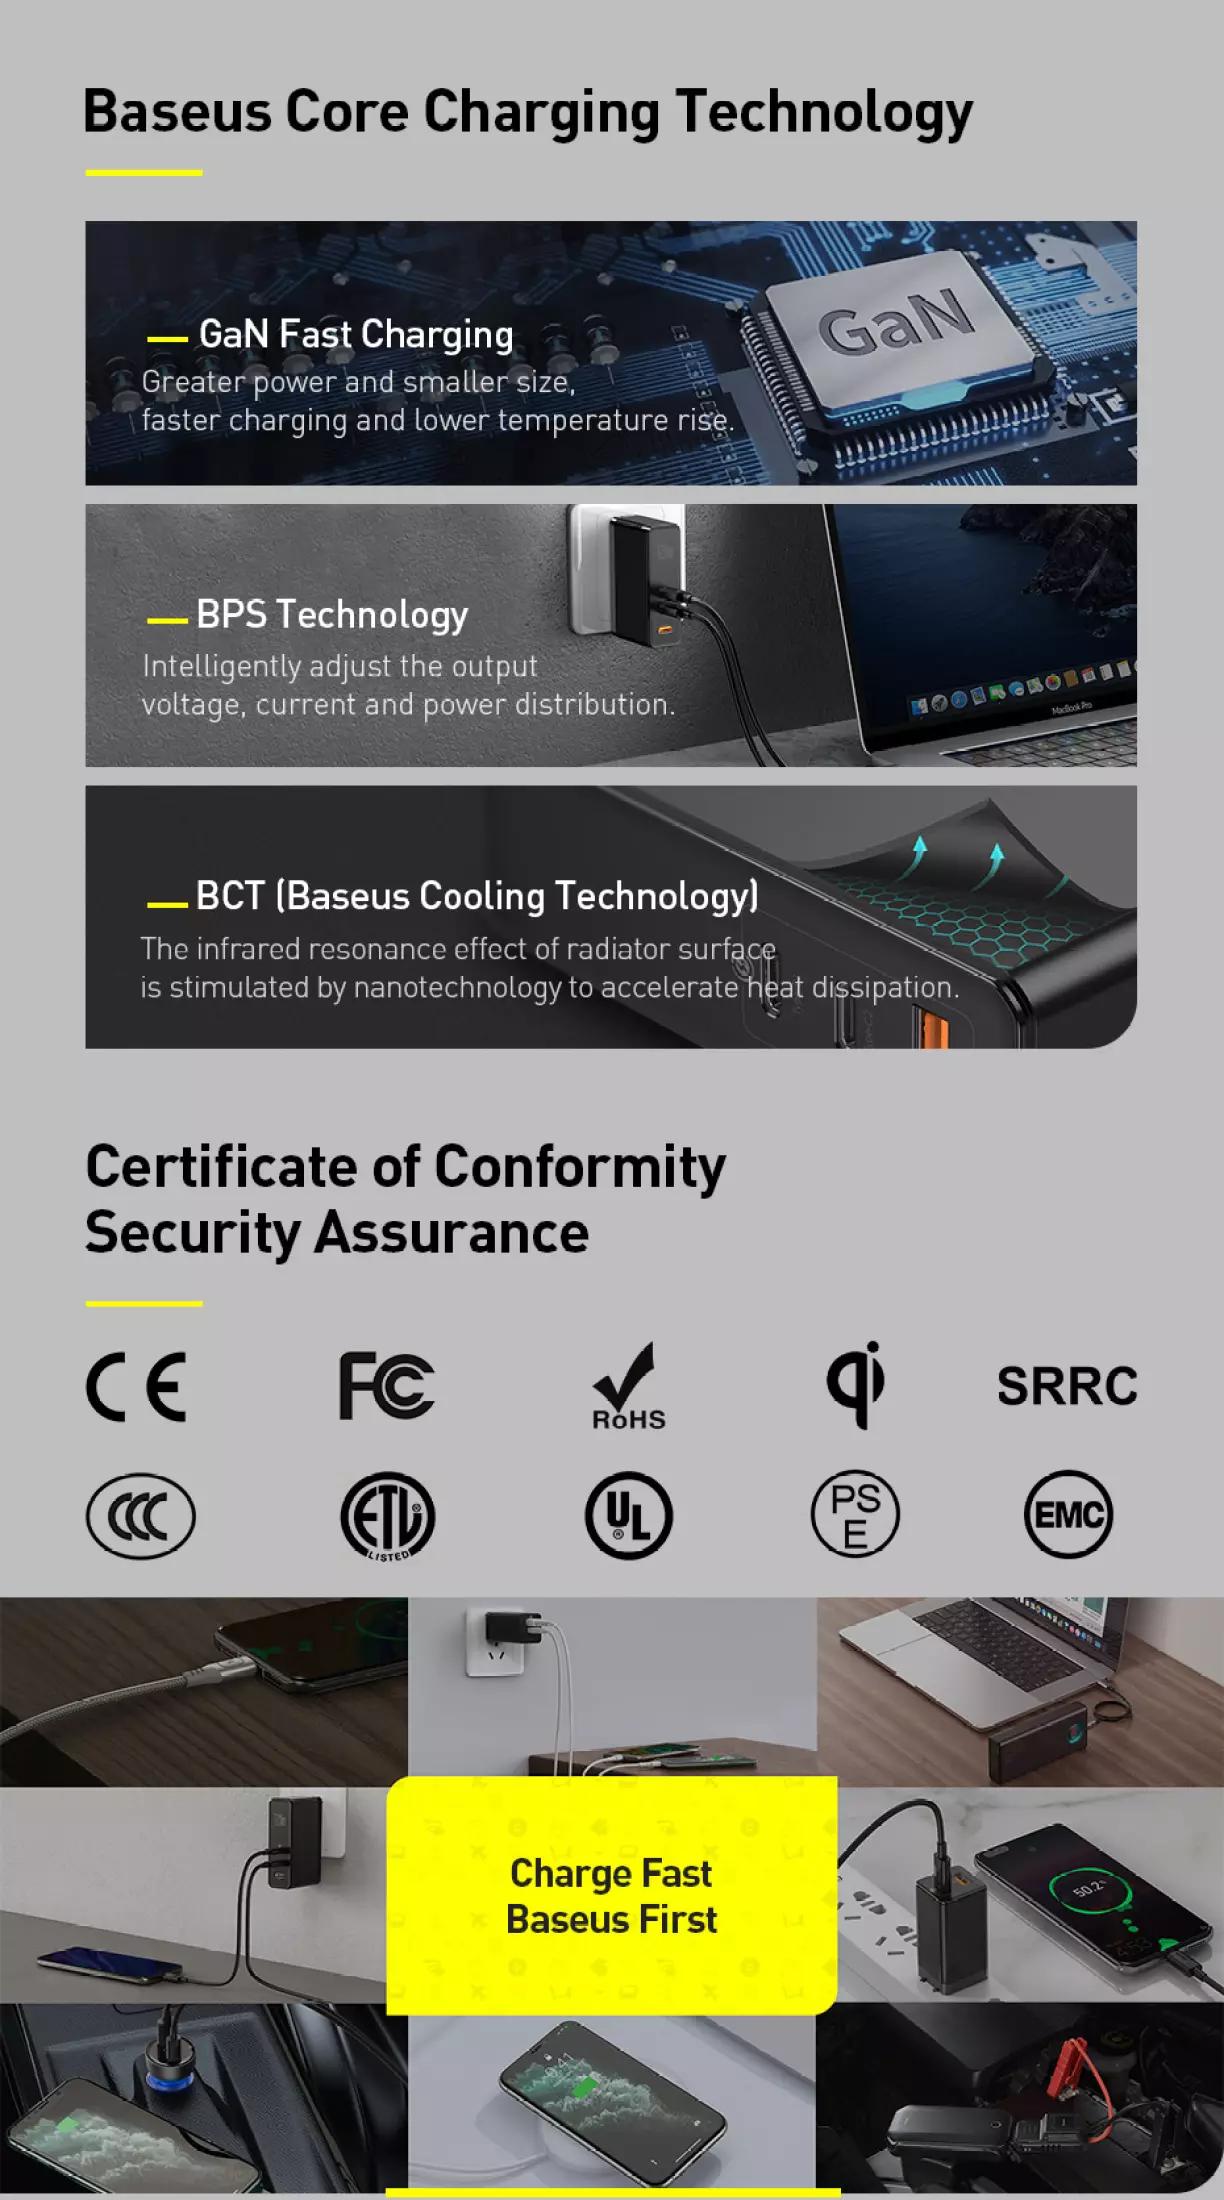 Pin sạc dự phòng Baseus dung lượng 10000mAh công suất 15W hoặc 20W, màn hình LED hiển thị, sạc nhanh QC, PD cho iPhone, Samsung, Xiaomi,....-Phân phối chính hãng tại Baseus Việt Nam 16